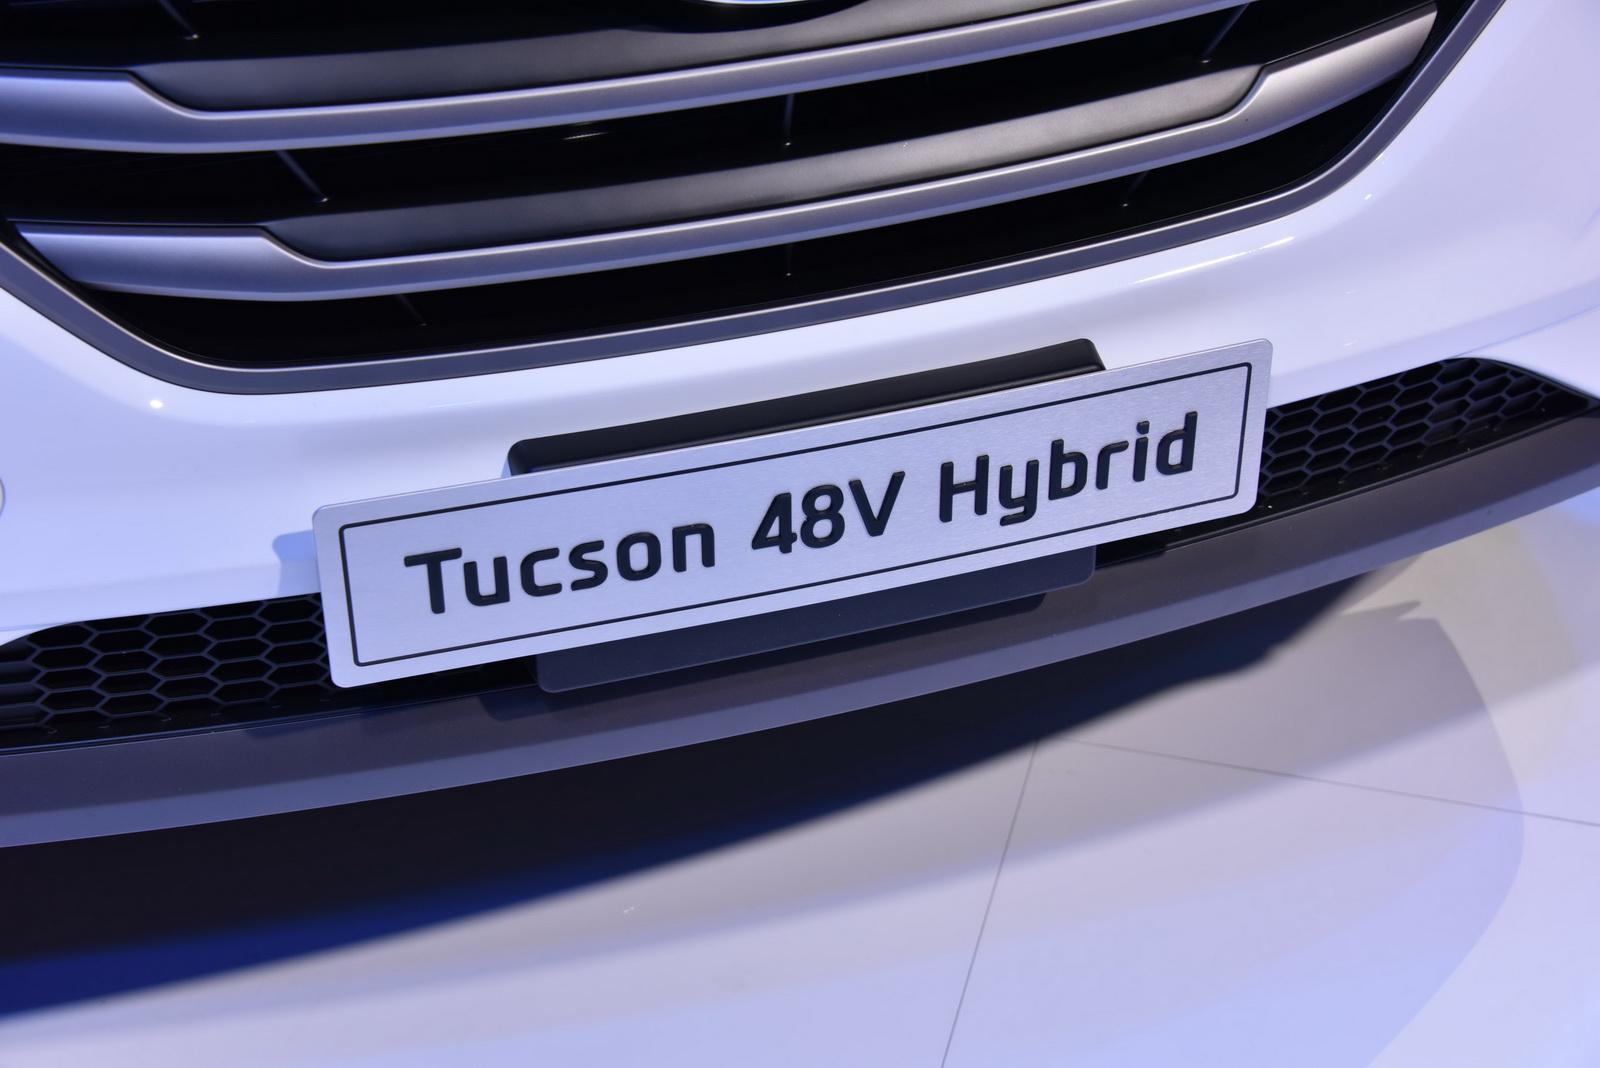 Hyundai Tucson 48V Hybrid 2015